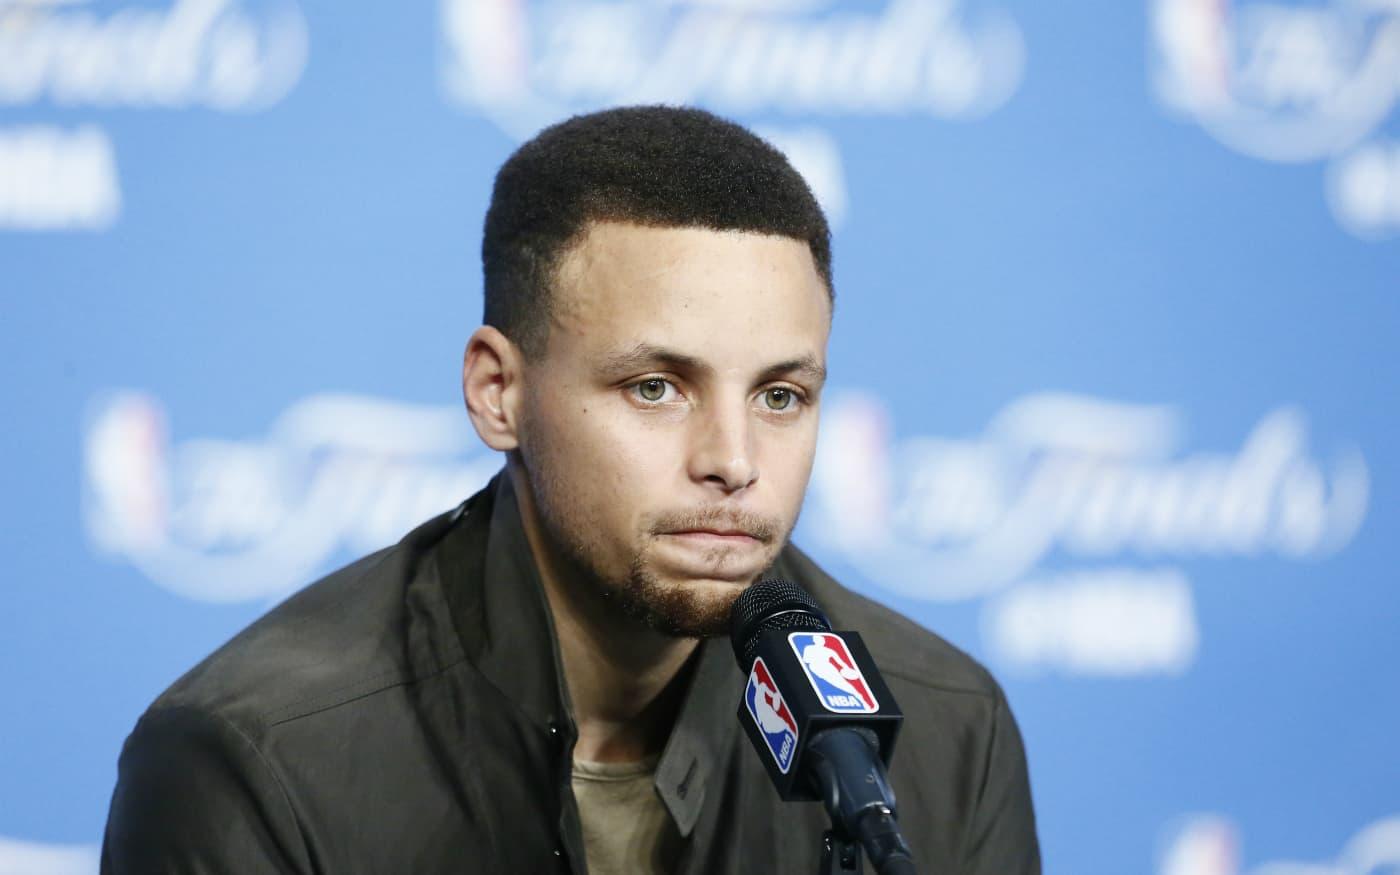 Ce n'était clairement pas le soir de Stephen Curry